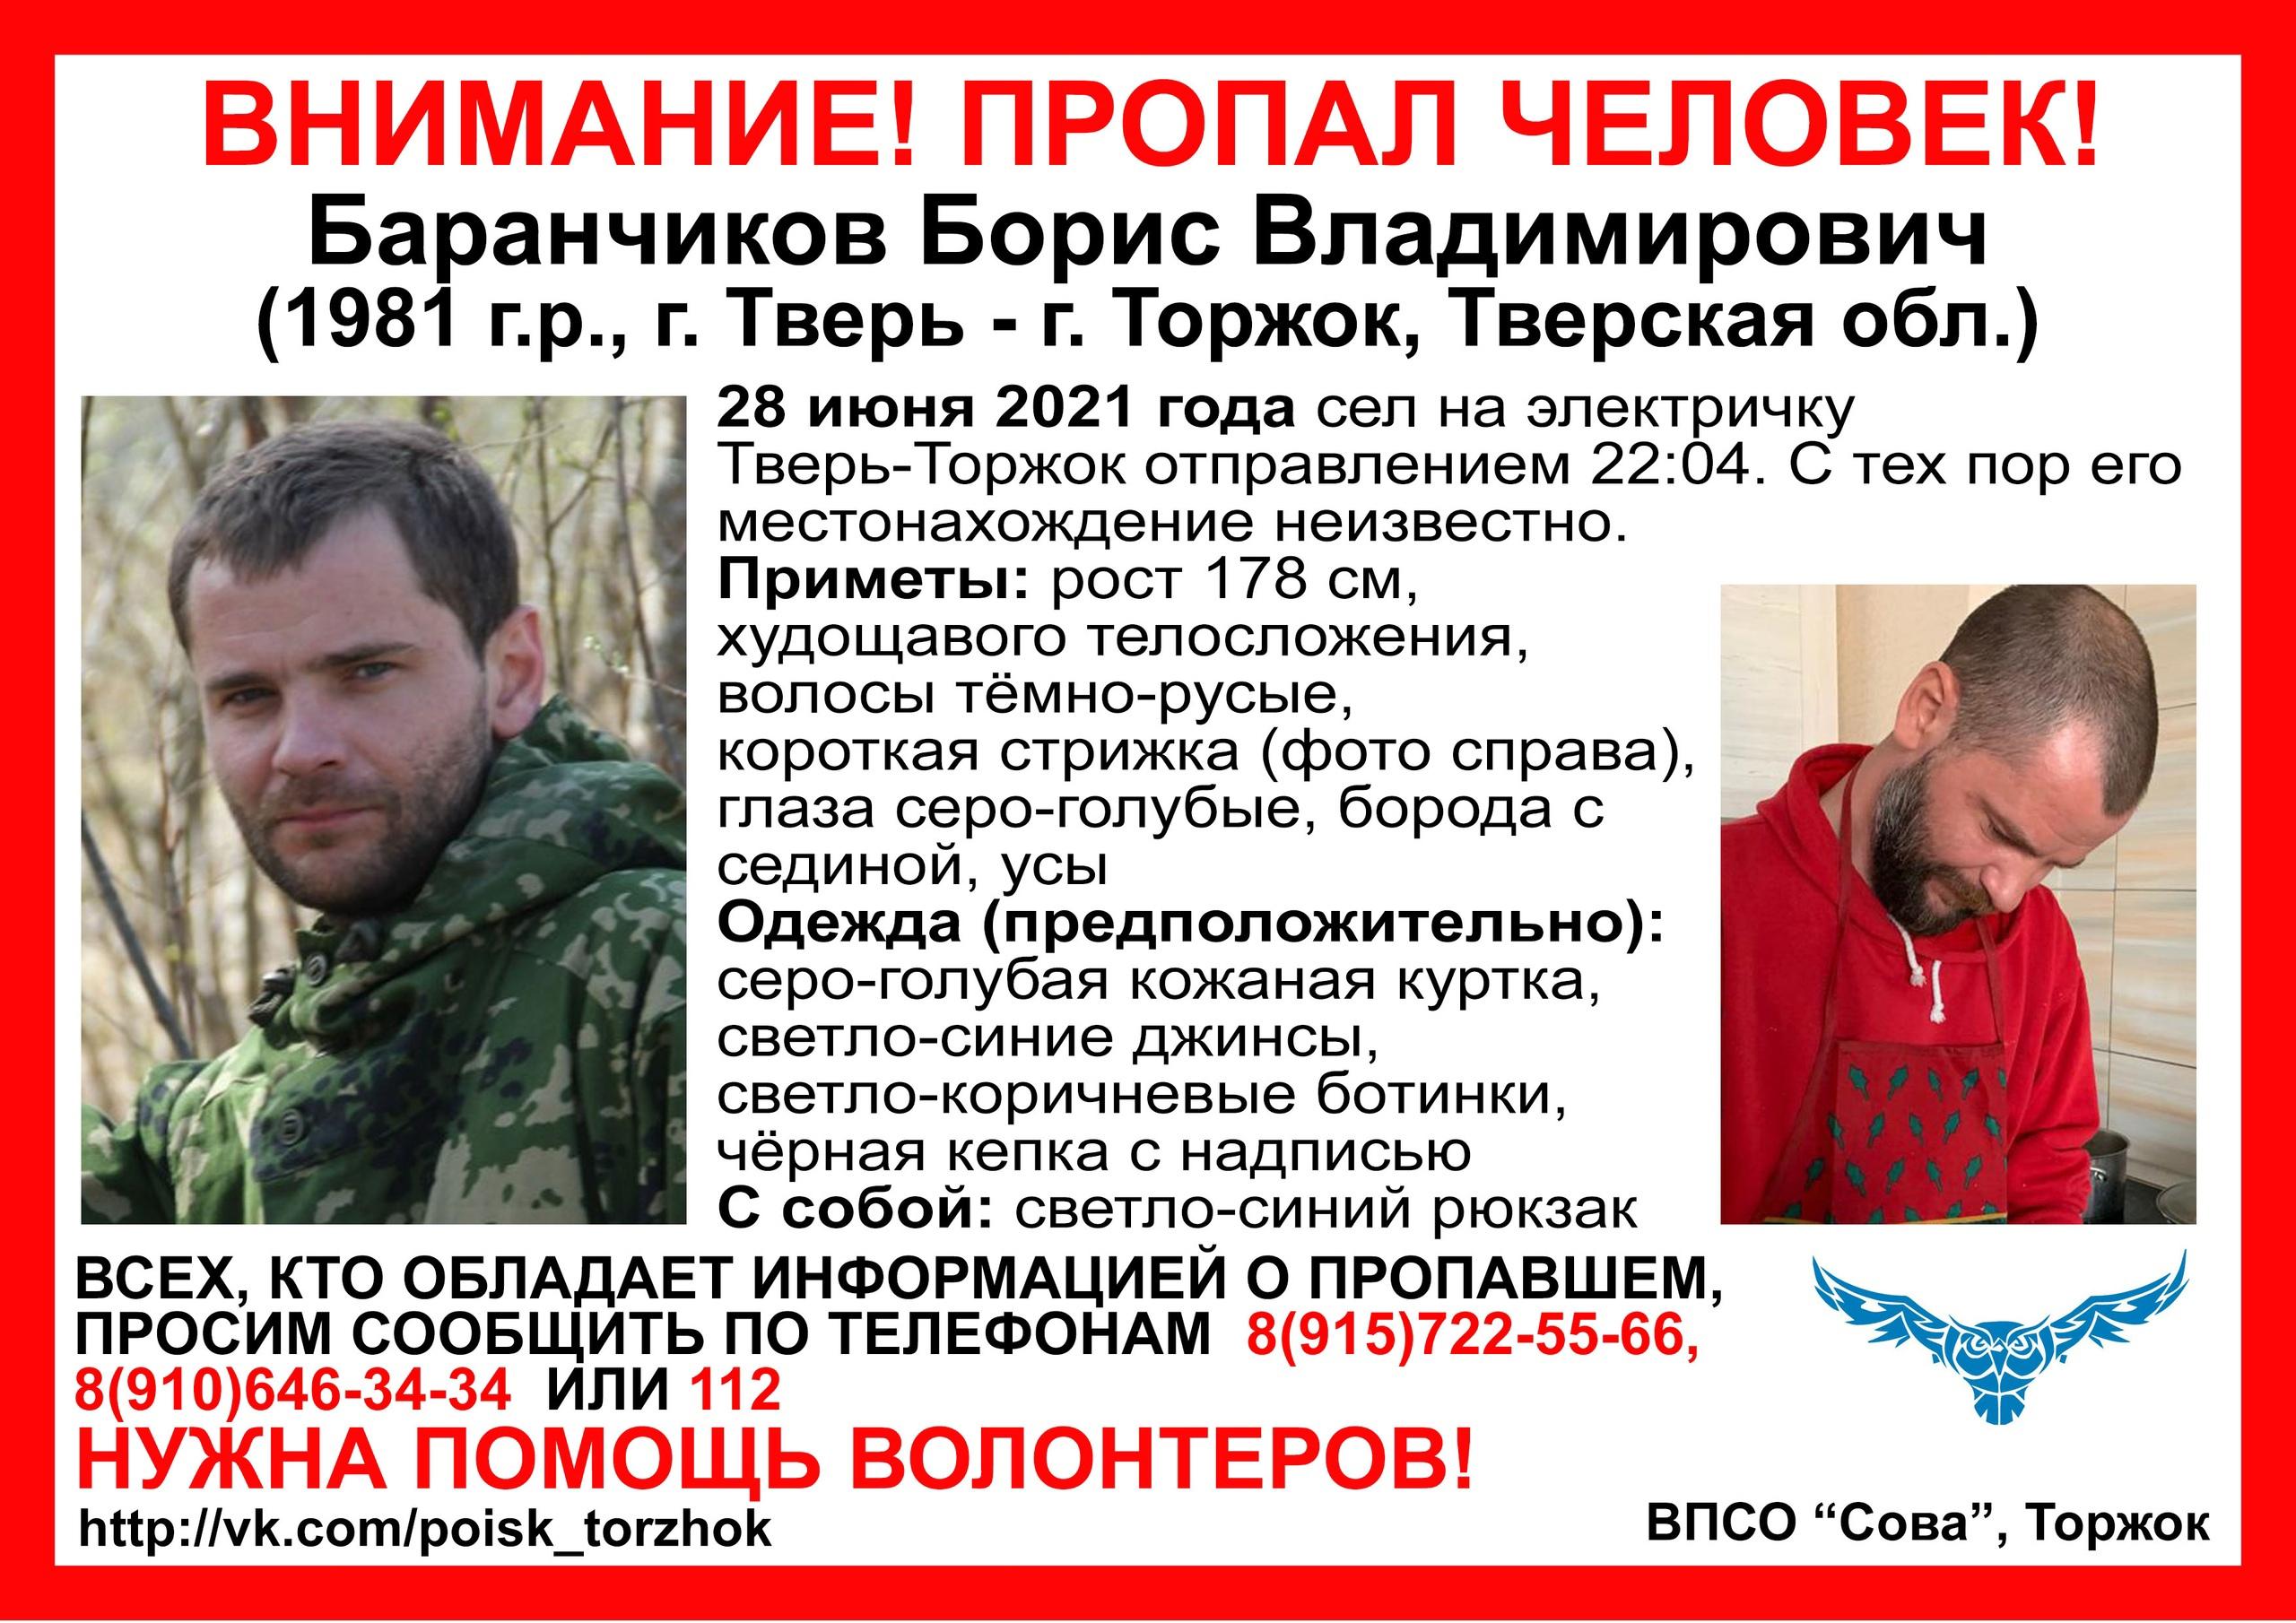 Молодой мужчина уехал на электричке из Тверской области и пропал